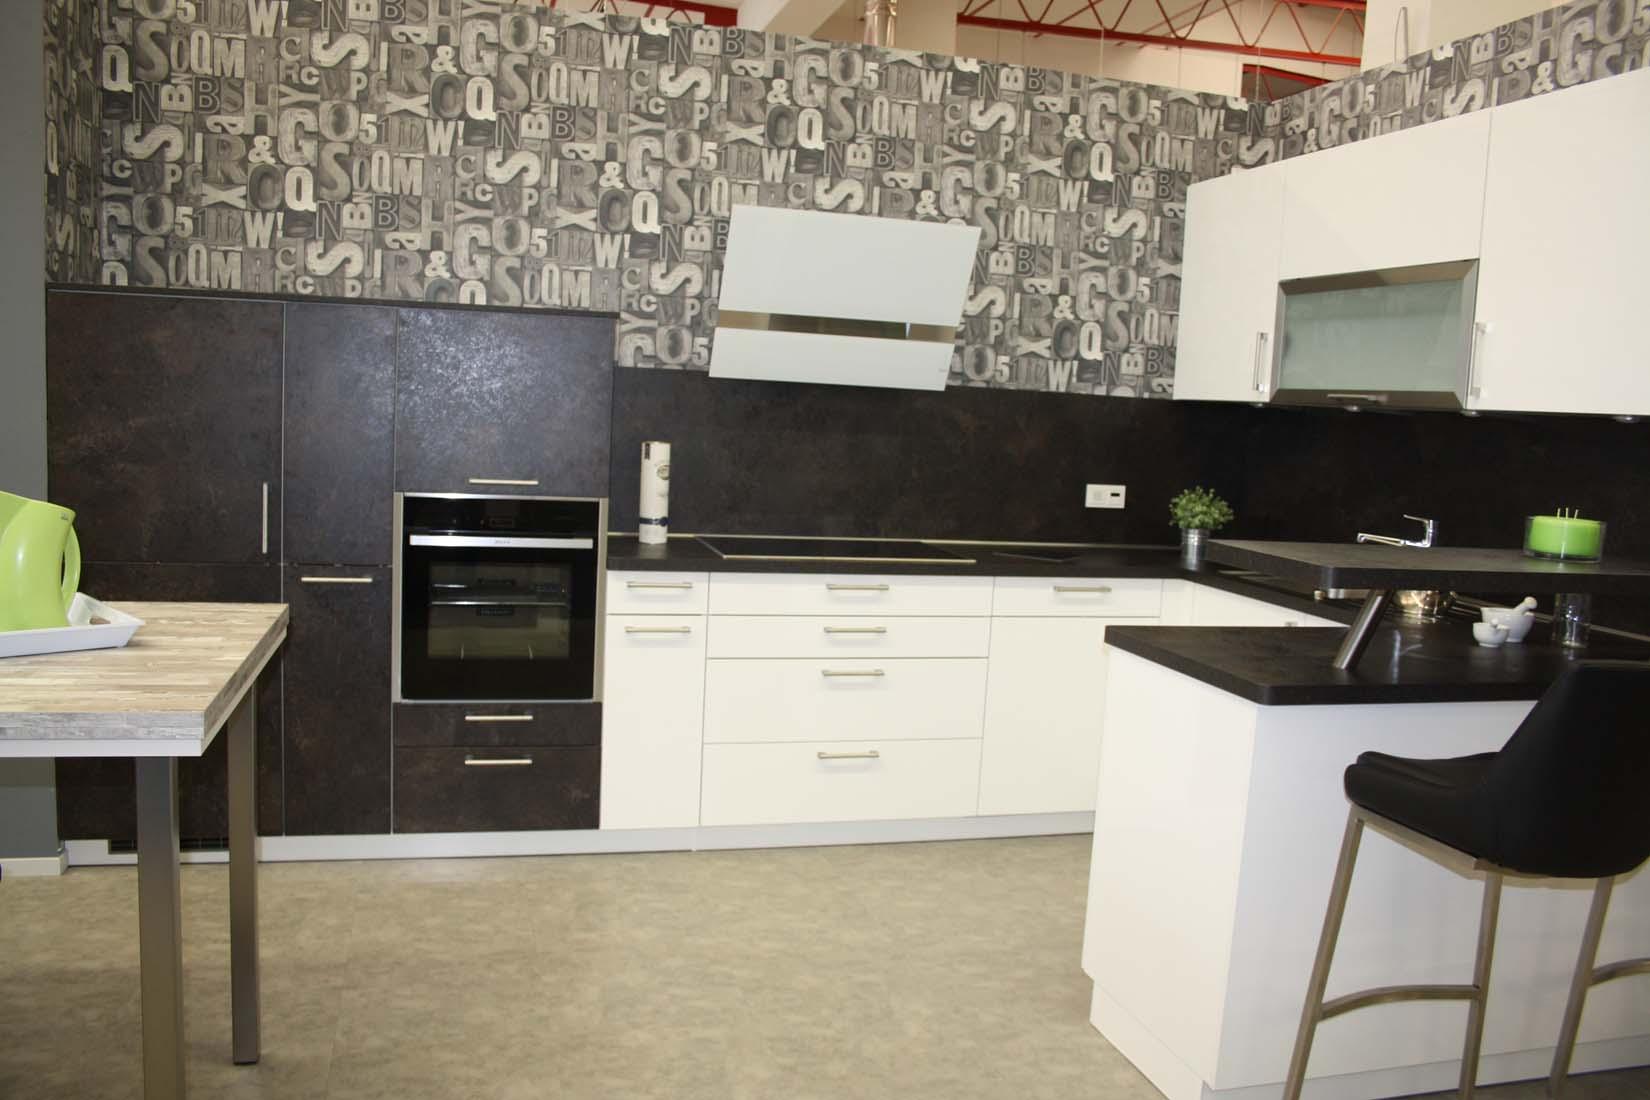 kchen saarbrcken wilhelm junius kchen junius in saarbrcken im saarland kchen mit stil und jeder. Black Bedroom Furniture Sets. Home Design Ideas